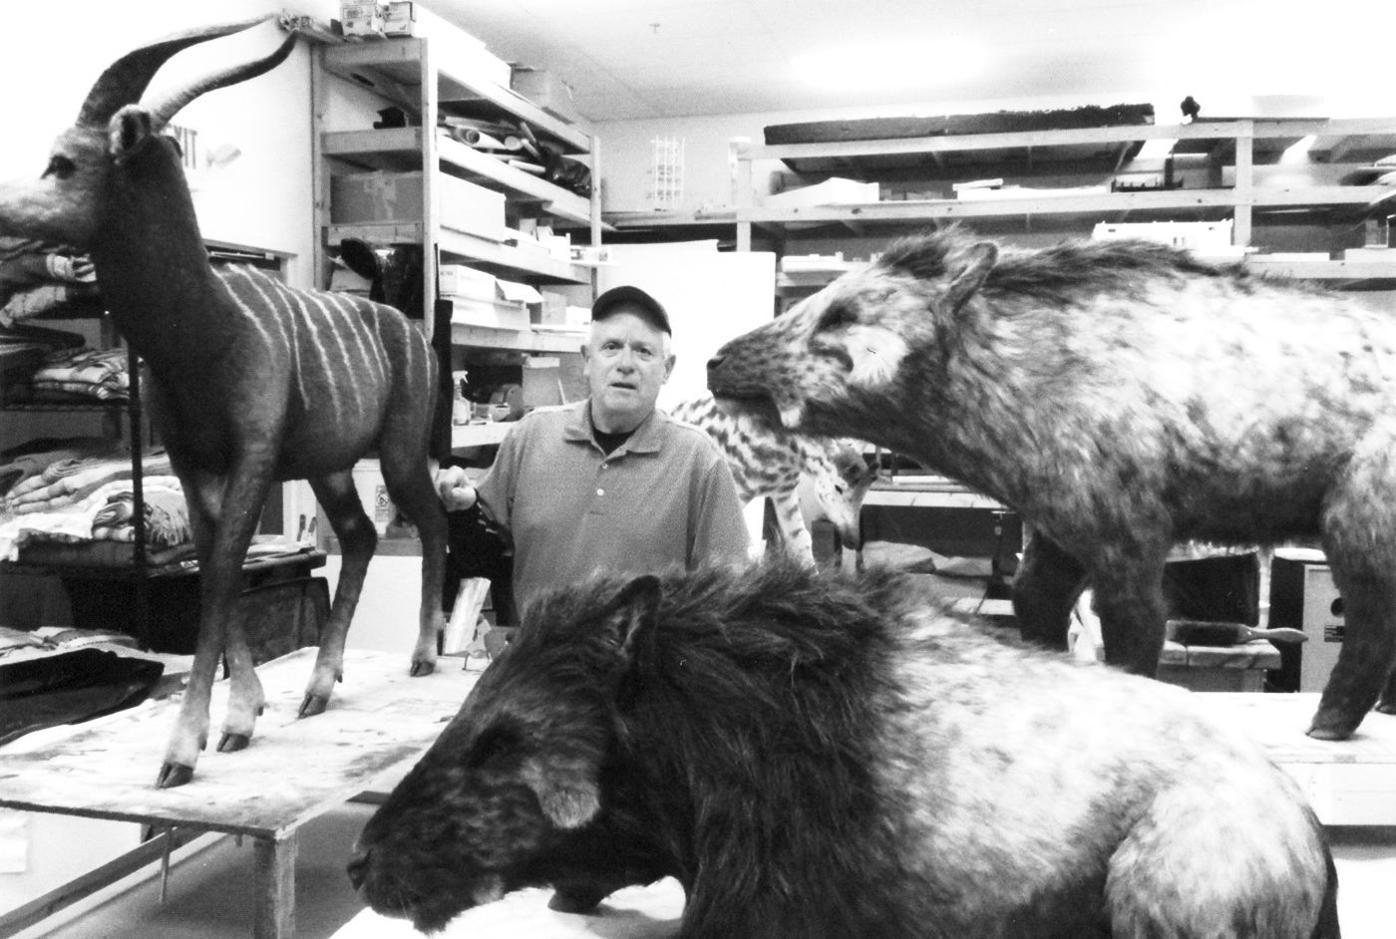 Fetter ark animals